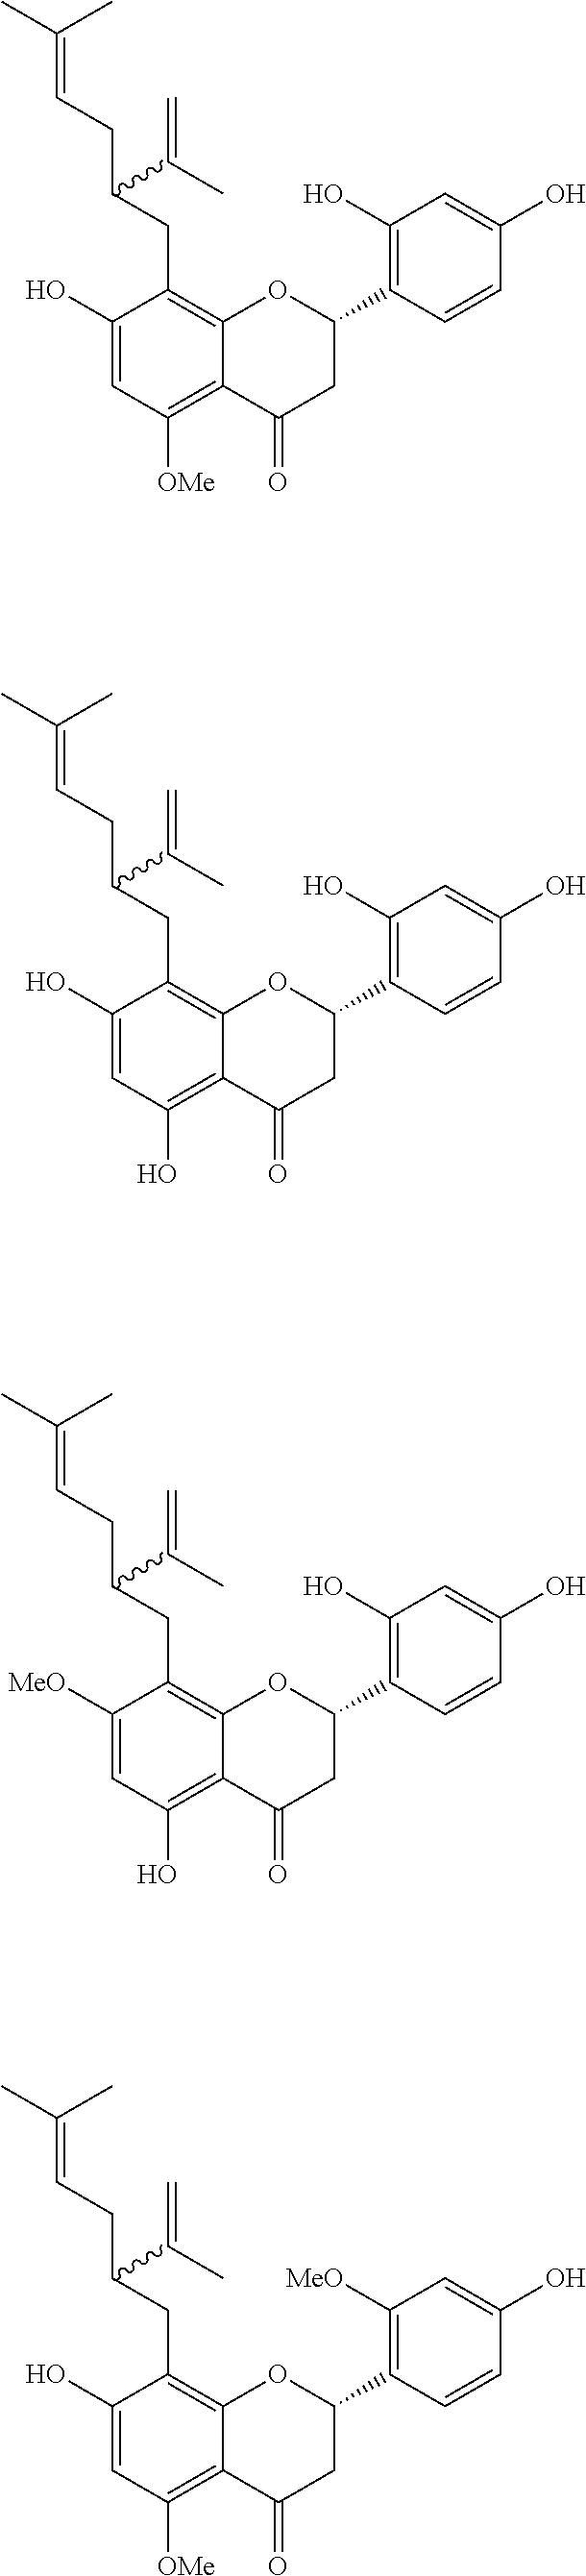 Figure US09962344-20180508-C00197